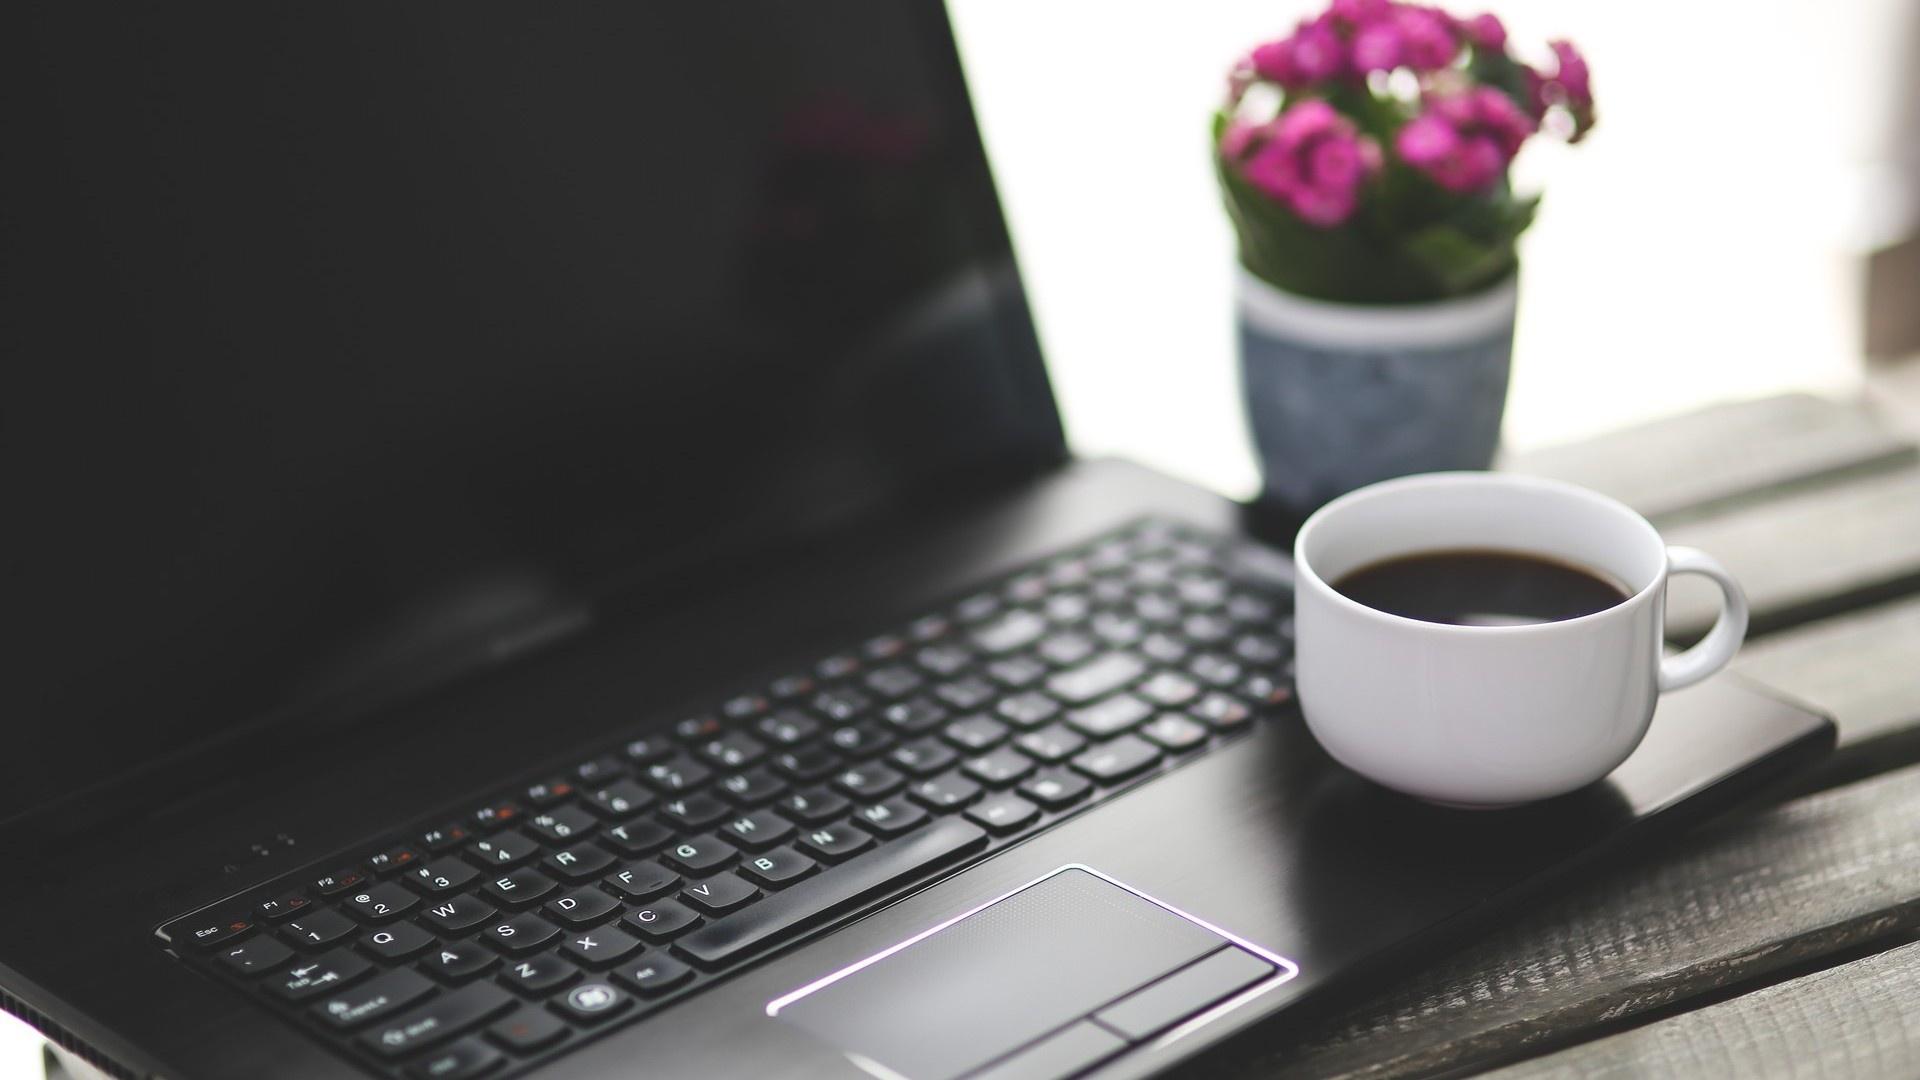 Обои кружка, кофе, notebook, стол, netbook. Разное foto 13